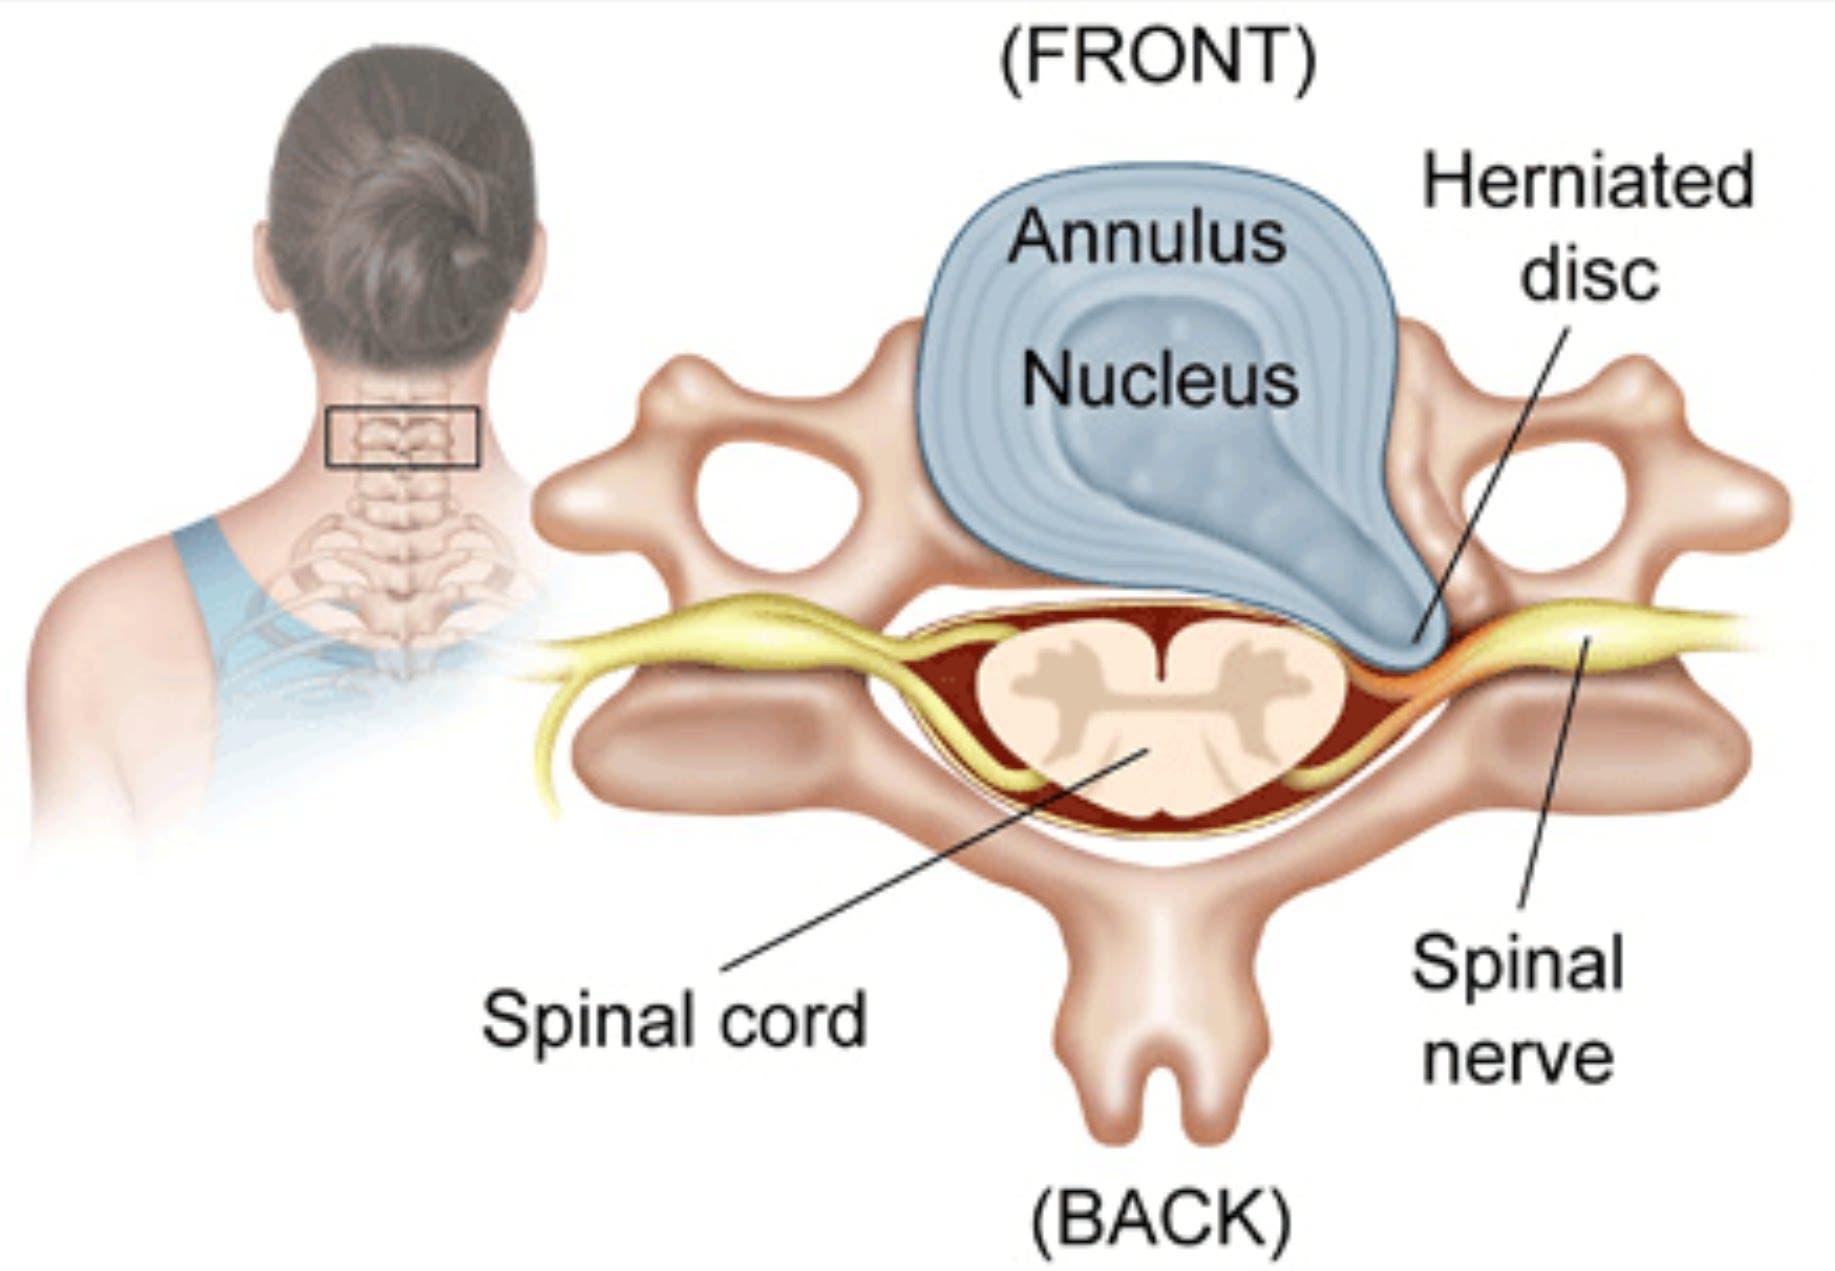 Partes de una hernia discal cervical